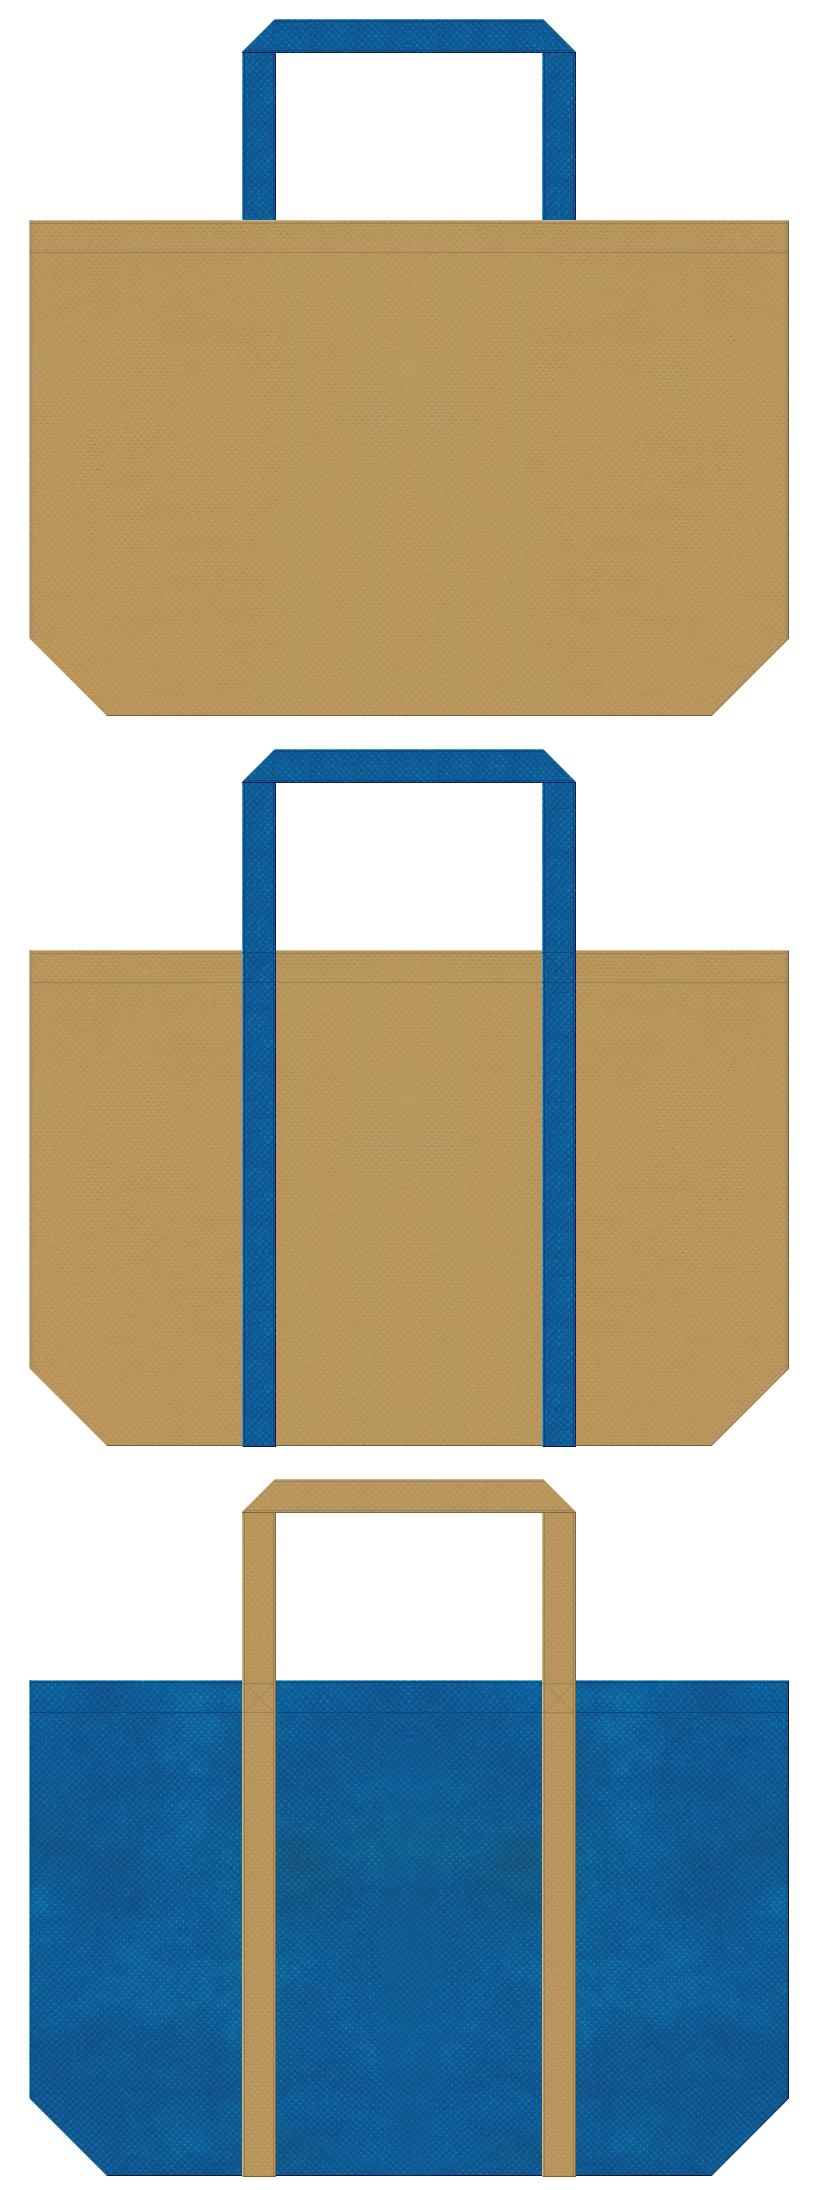 金色系黄土色と青色の不織布ショッピングバッグデザイン。